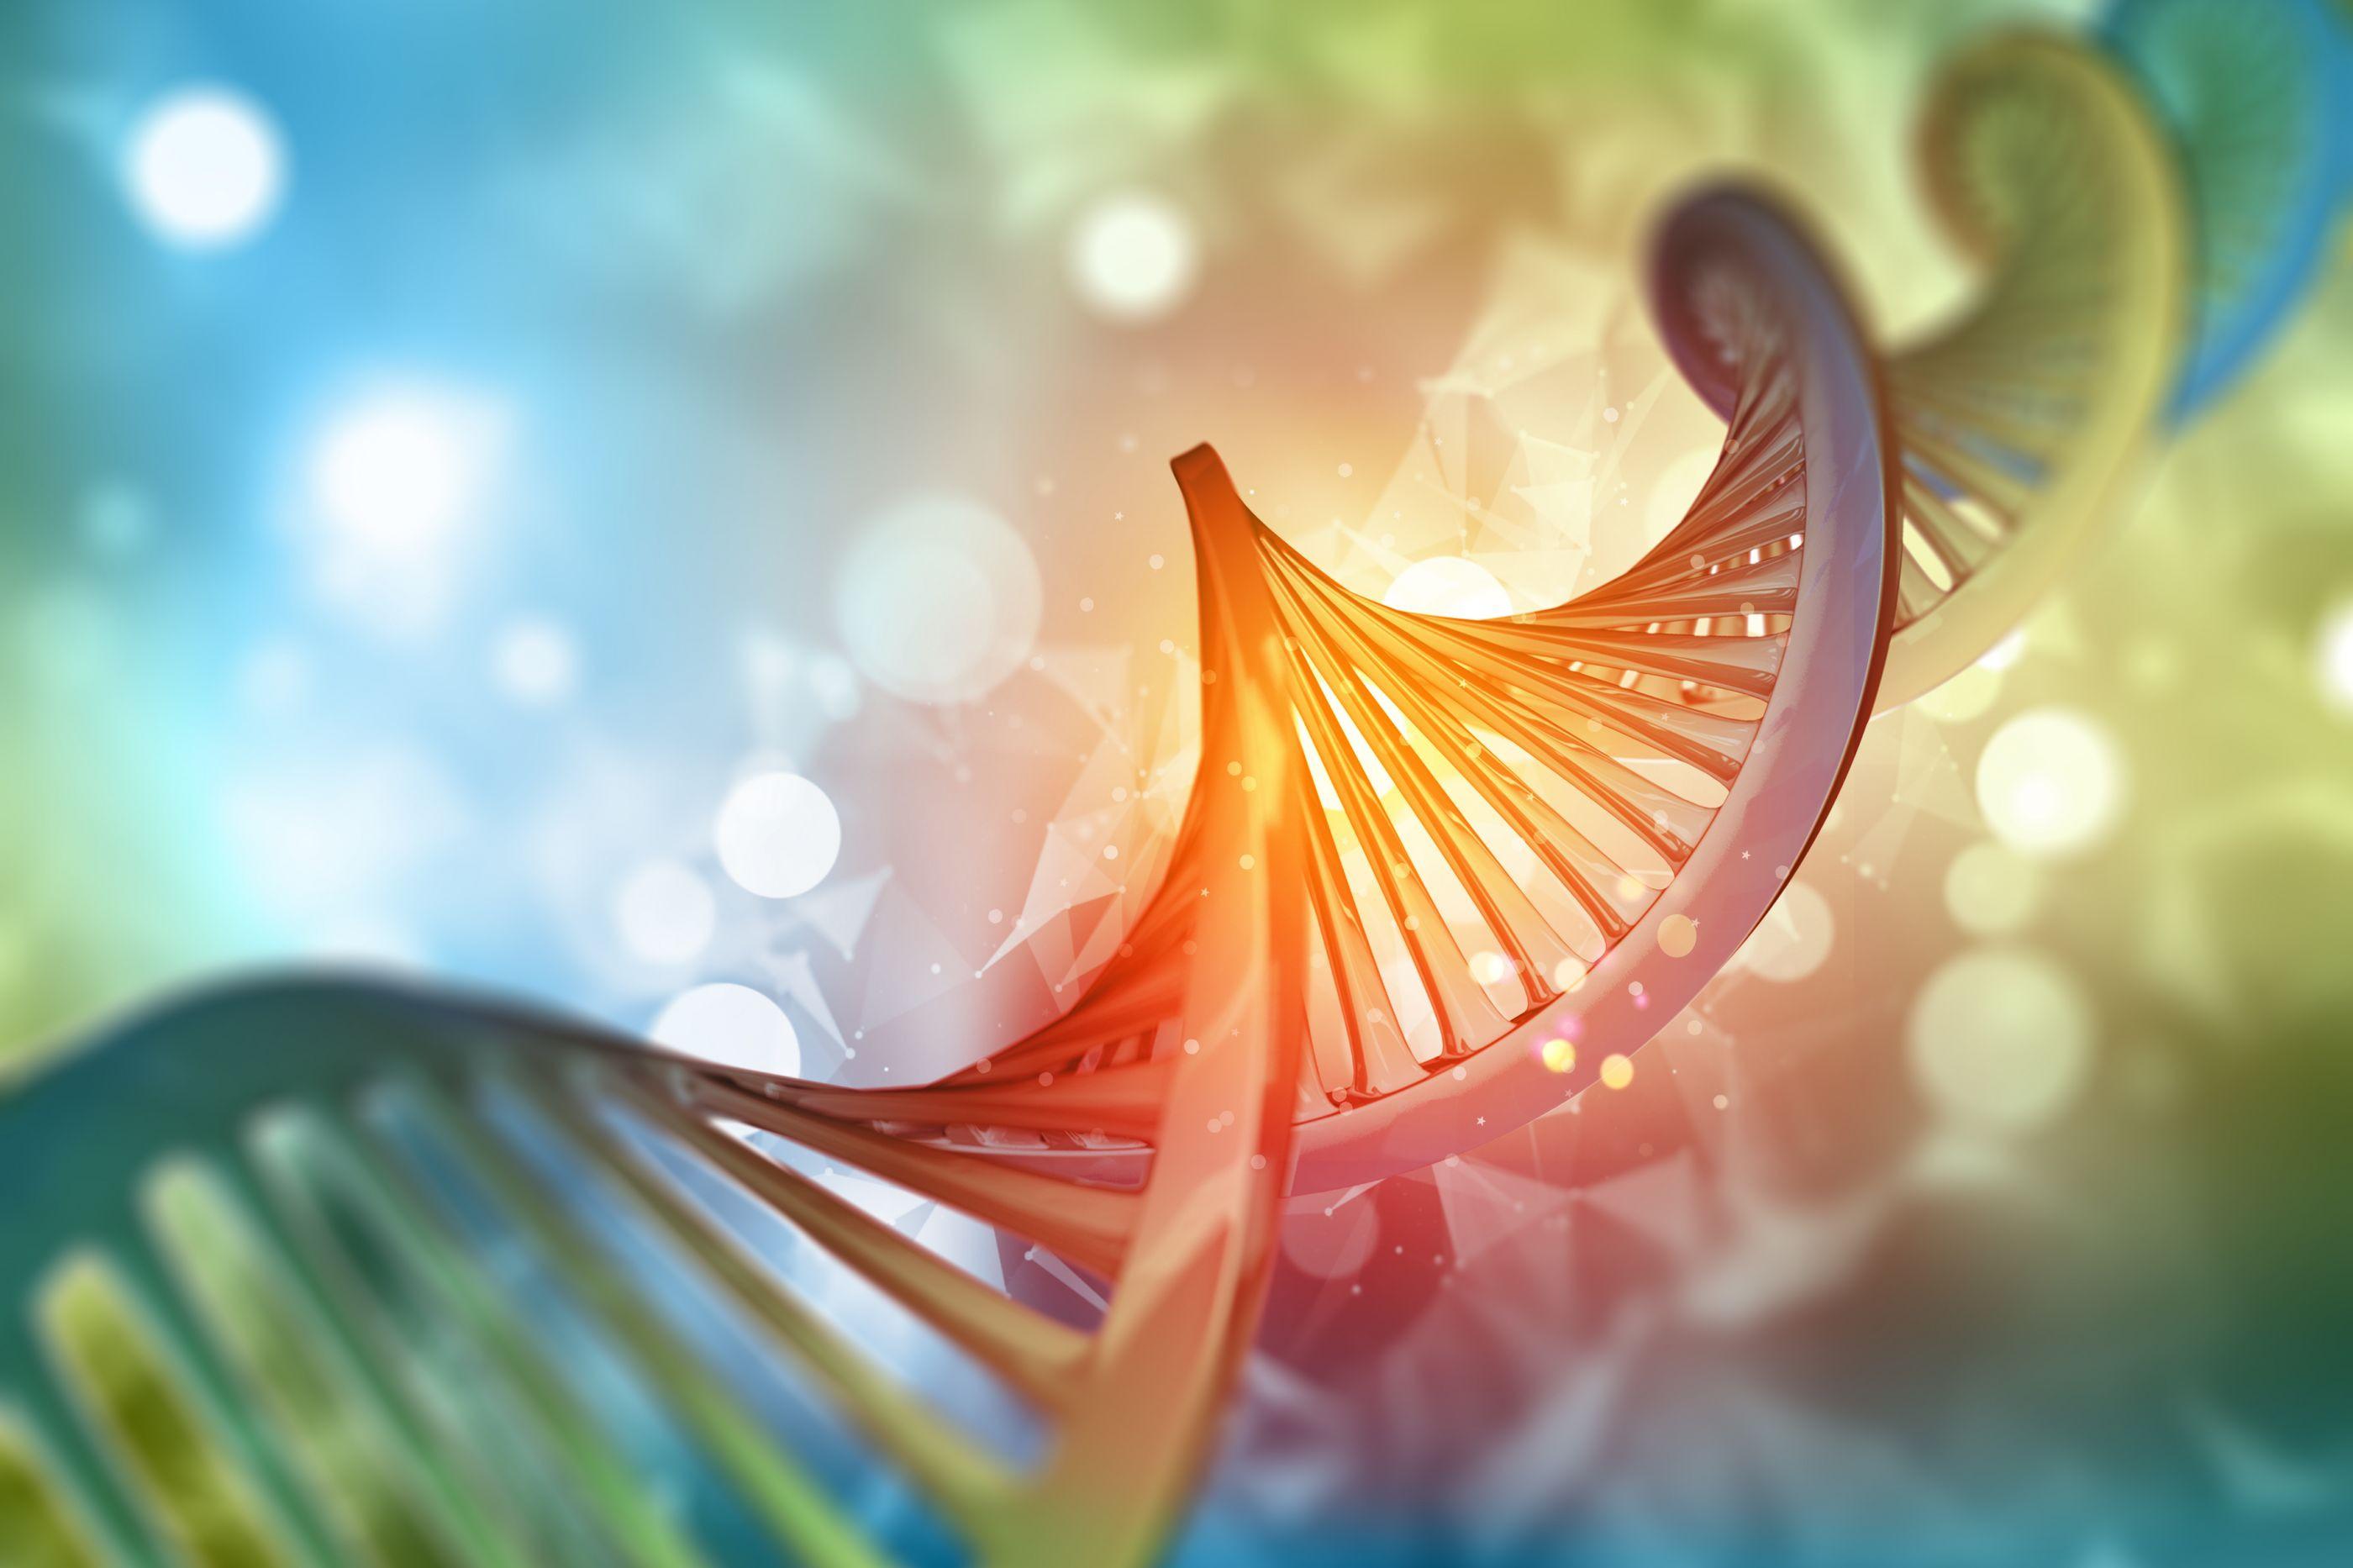 Medicina Interna incentiva investigação sobre doenças autoimunes